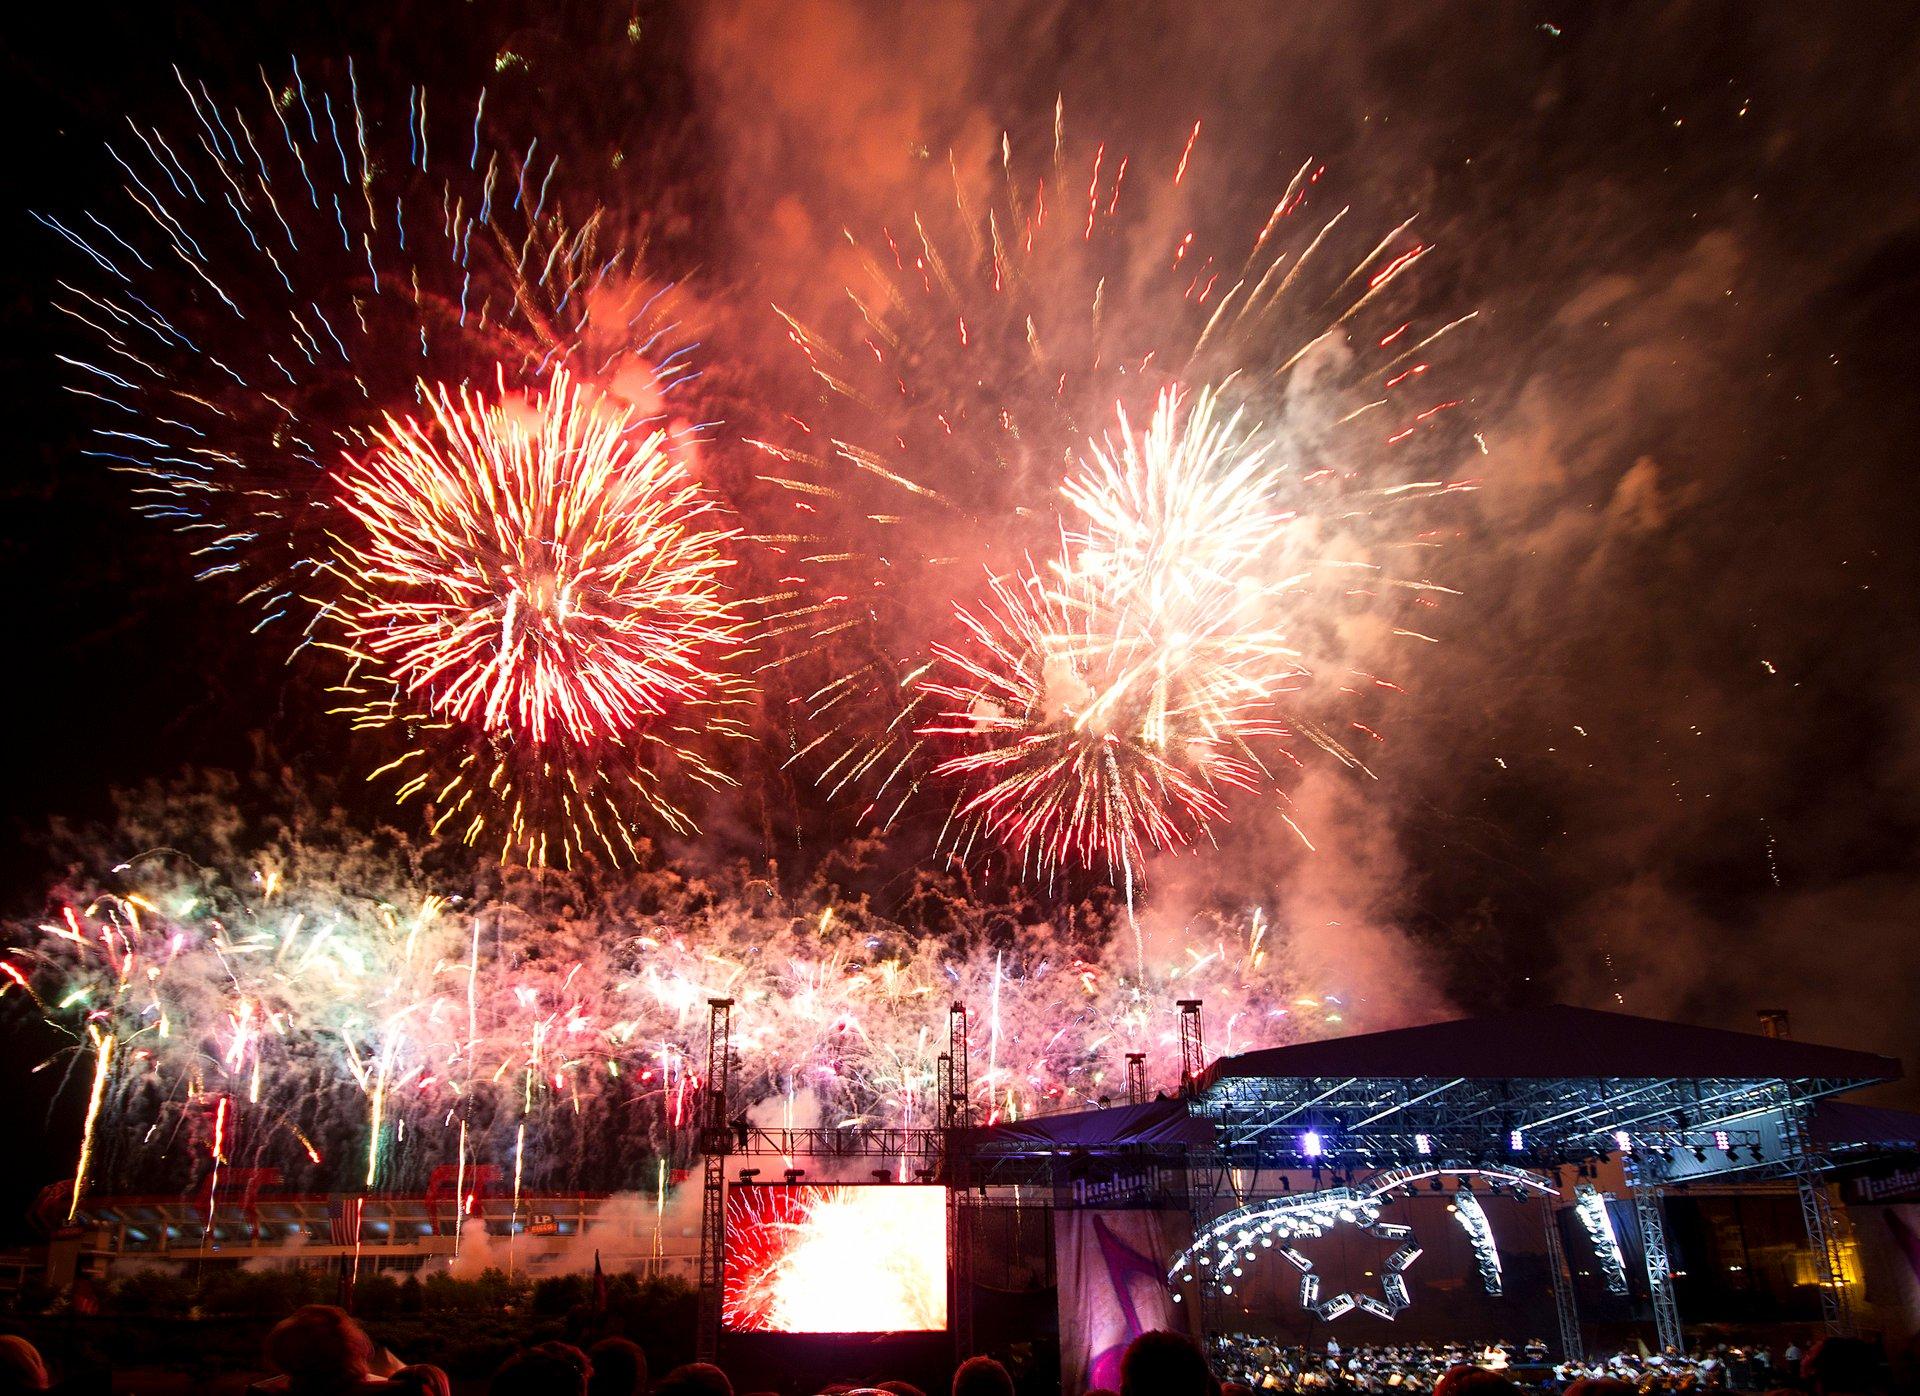 4th of July Celebration & Fireworks in Nashville in Nashville, TN 2020 - Best Time